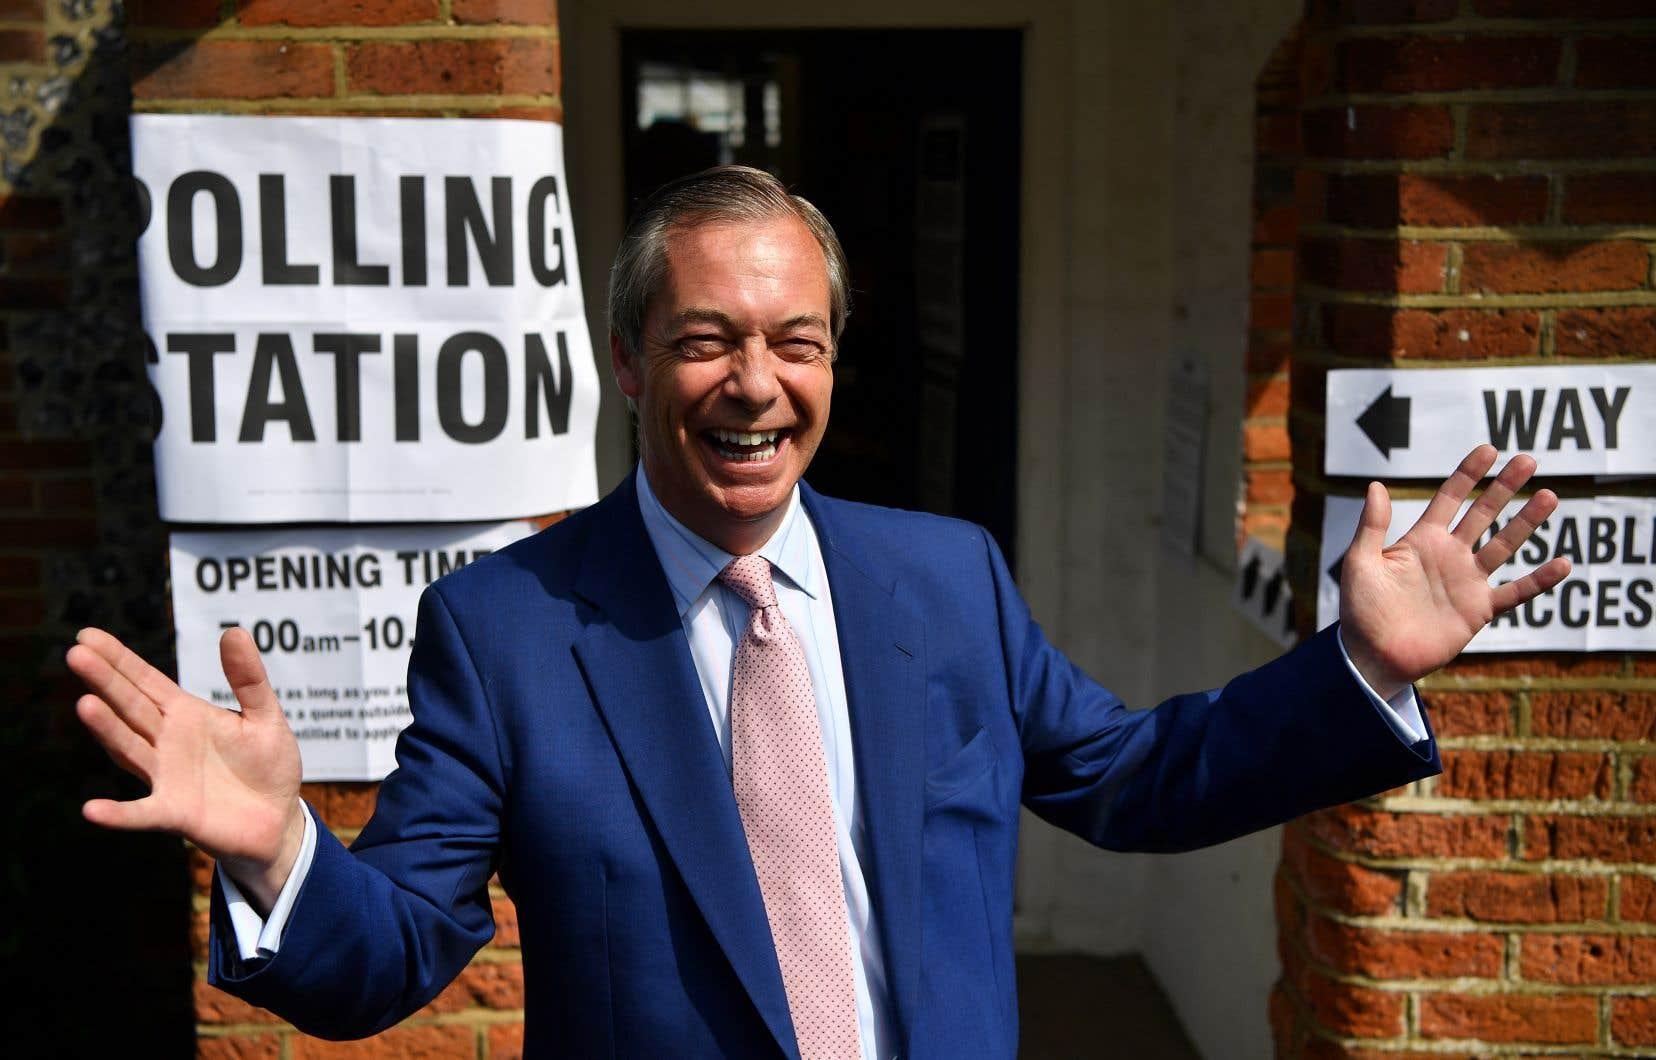 Dans cette campagne insolite, le Parti du Brexit, de l'eurosceptique Nigel Farage, réclame une sortie de l'UE immédiate et sans accord.